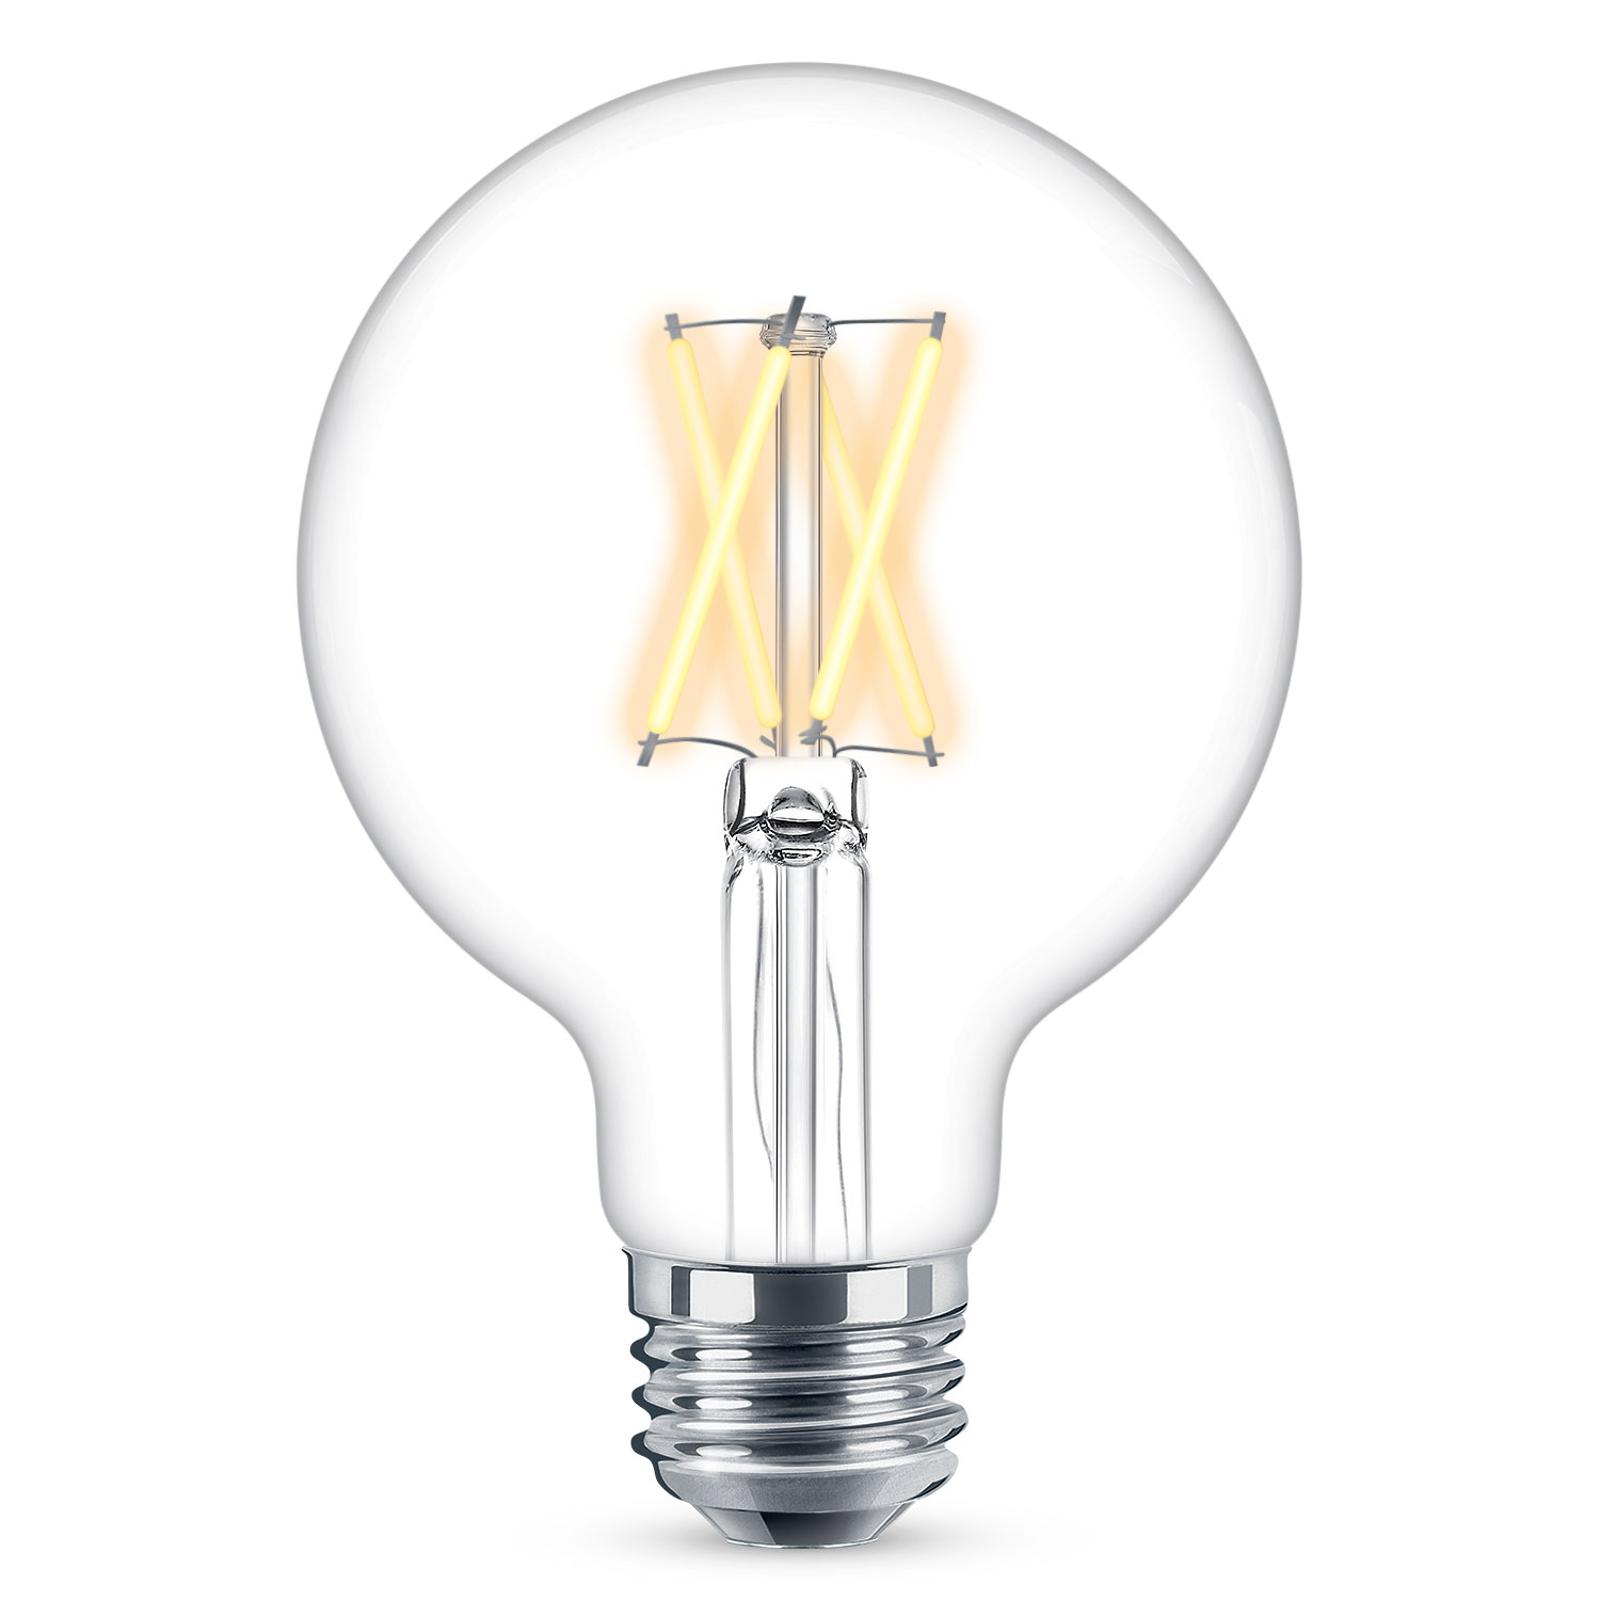 WiZ E27 LED G95 filament 6,5W 2200-5500K